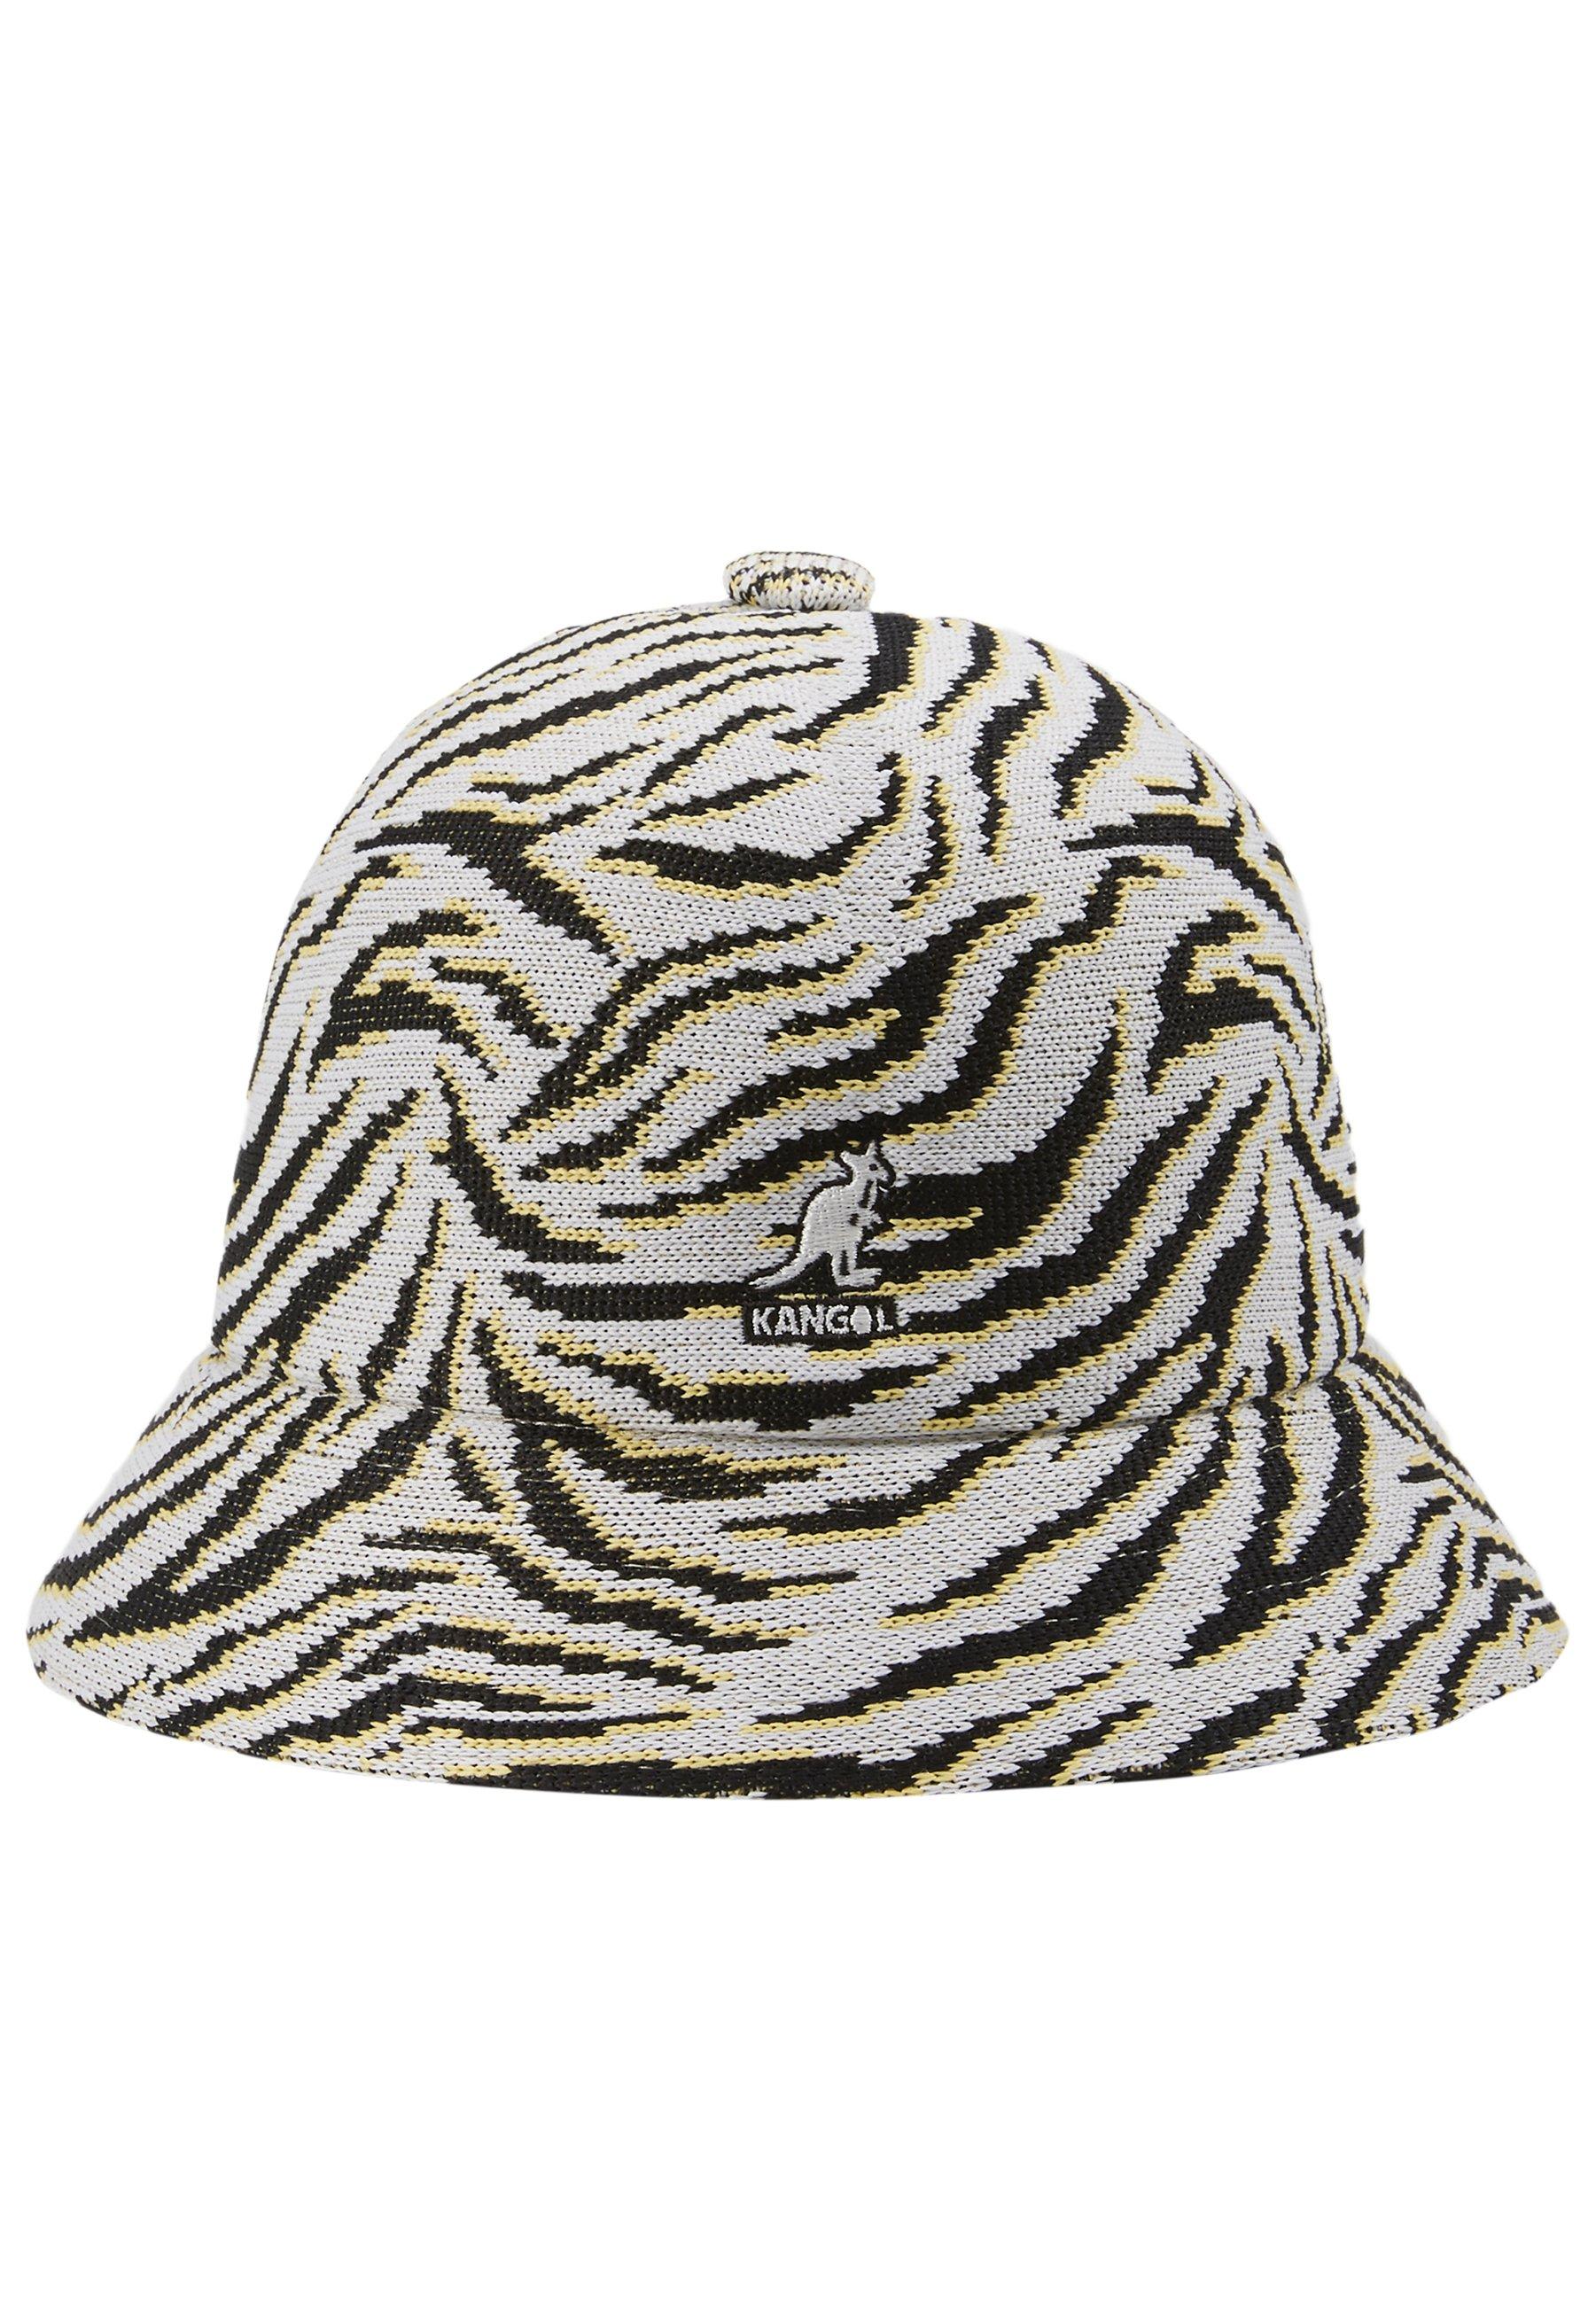 Kangol CARNIVAL CASUAL - Hatt - white/black/hvit E3gciVhyHaSURLa